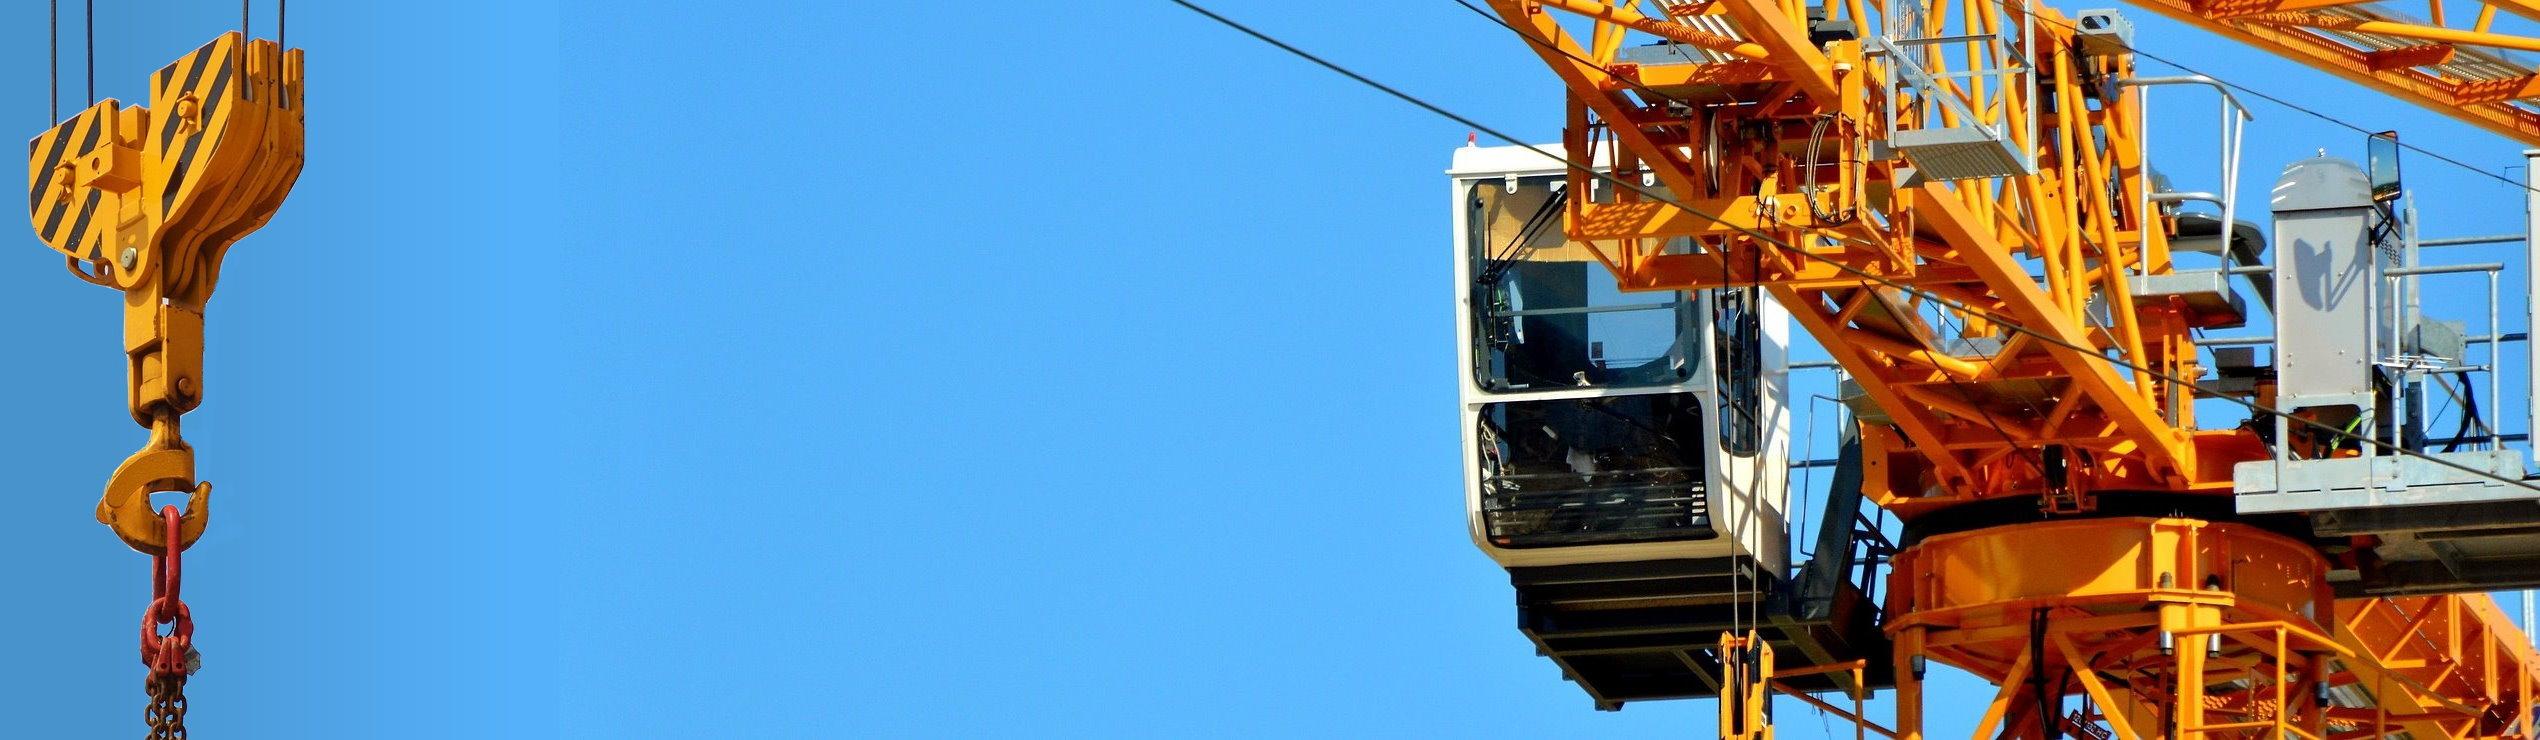 crane-2511304_1920-4-1